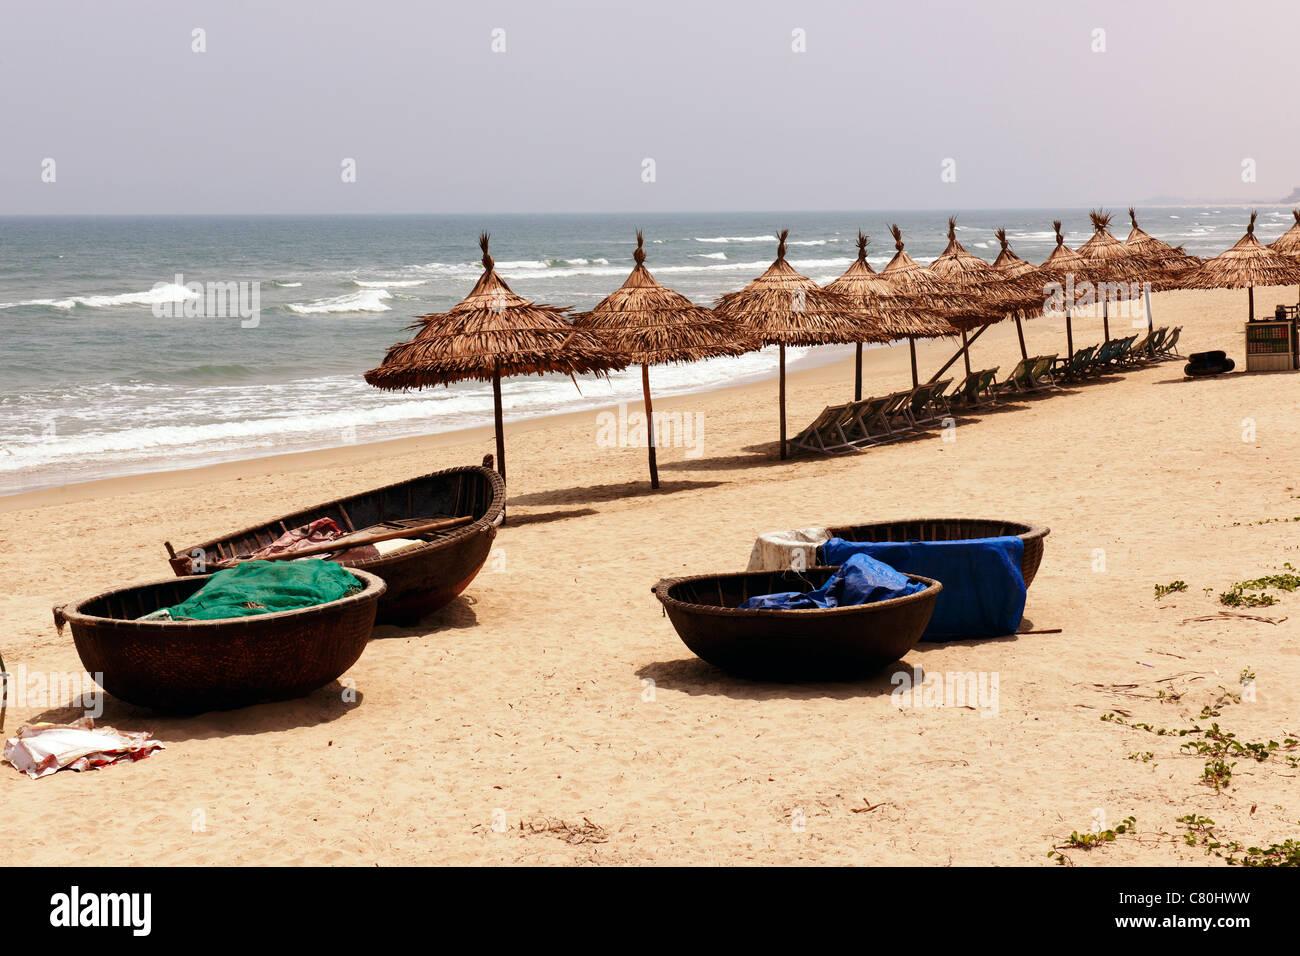 Viet Nam, Danang, China beach - Stock Image